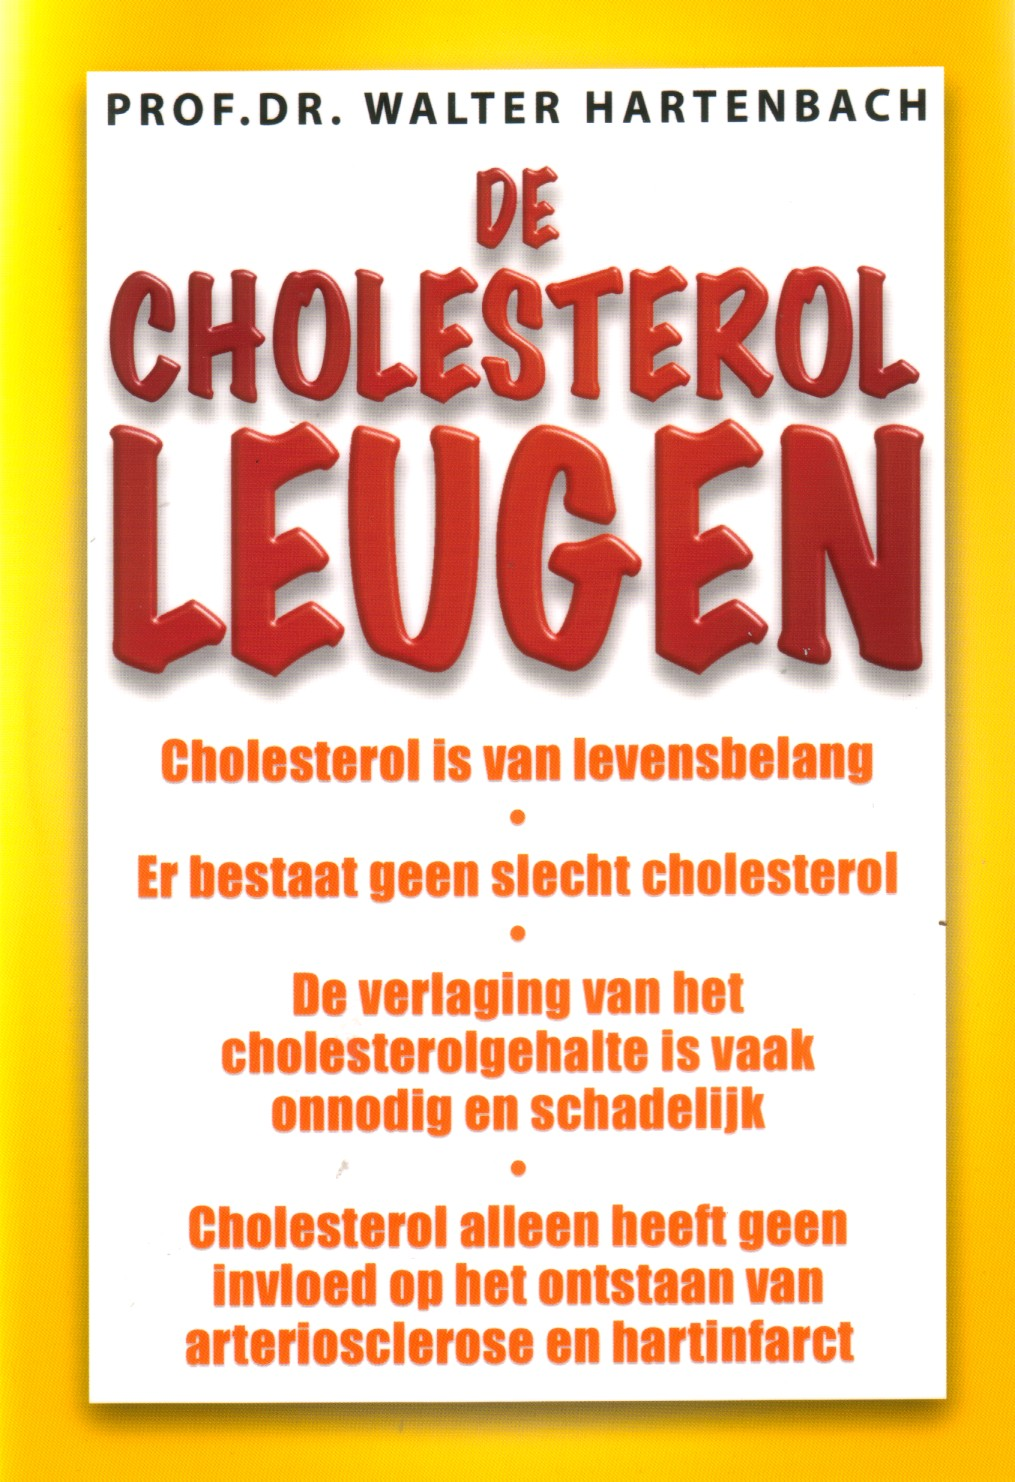 homeopathisch cholesterolverlagend middel